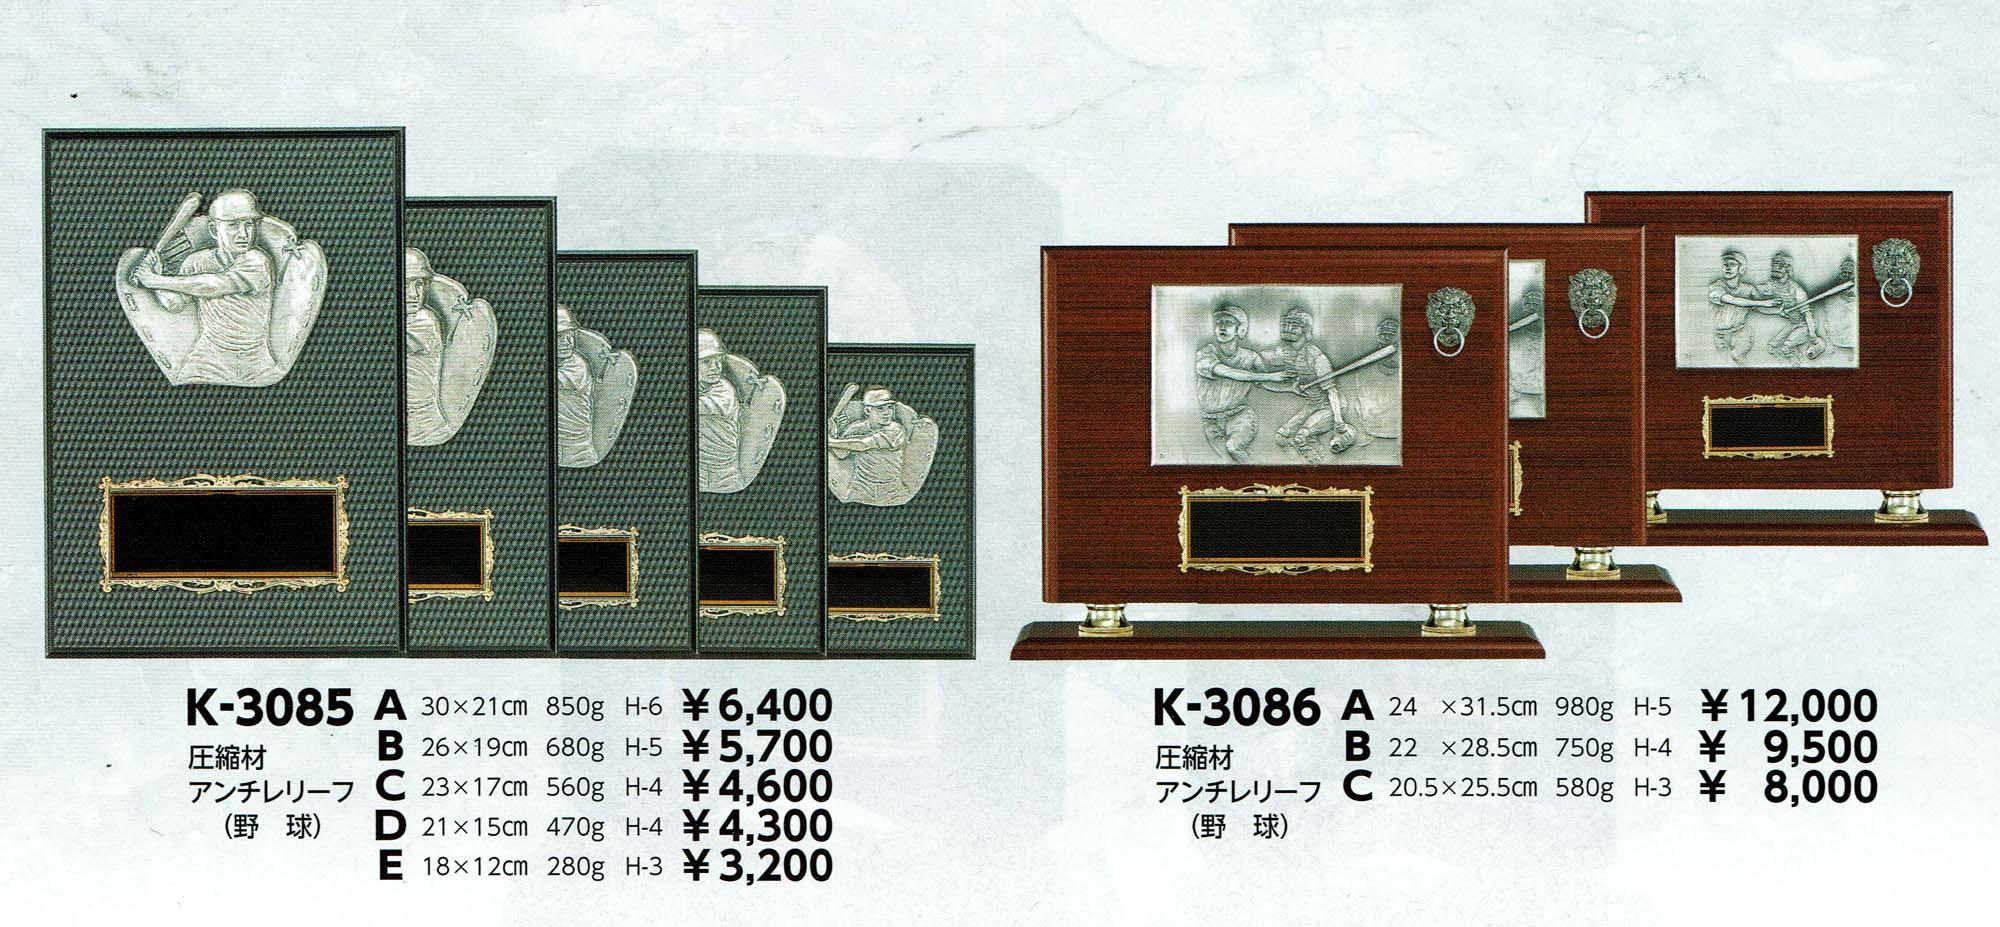 K3085、K3086